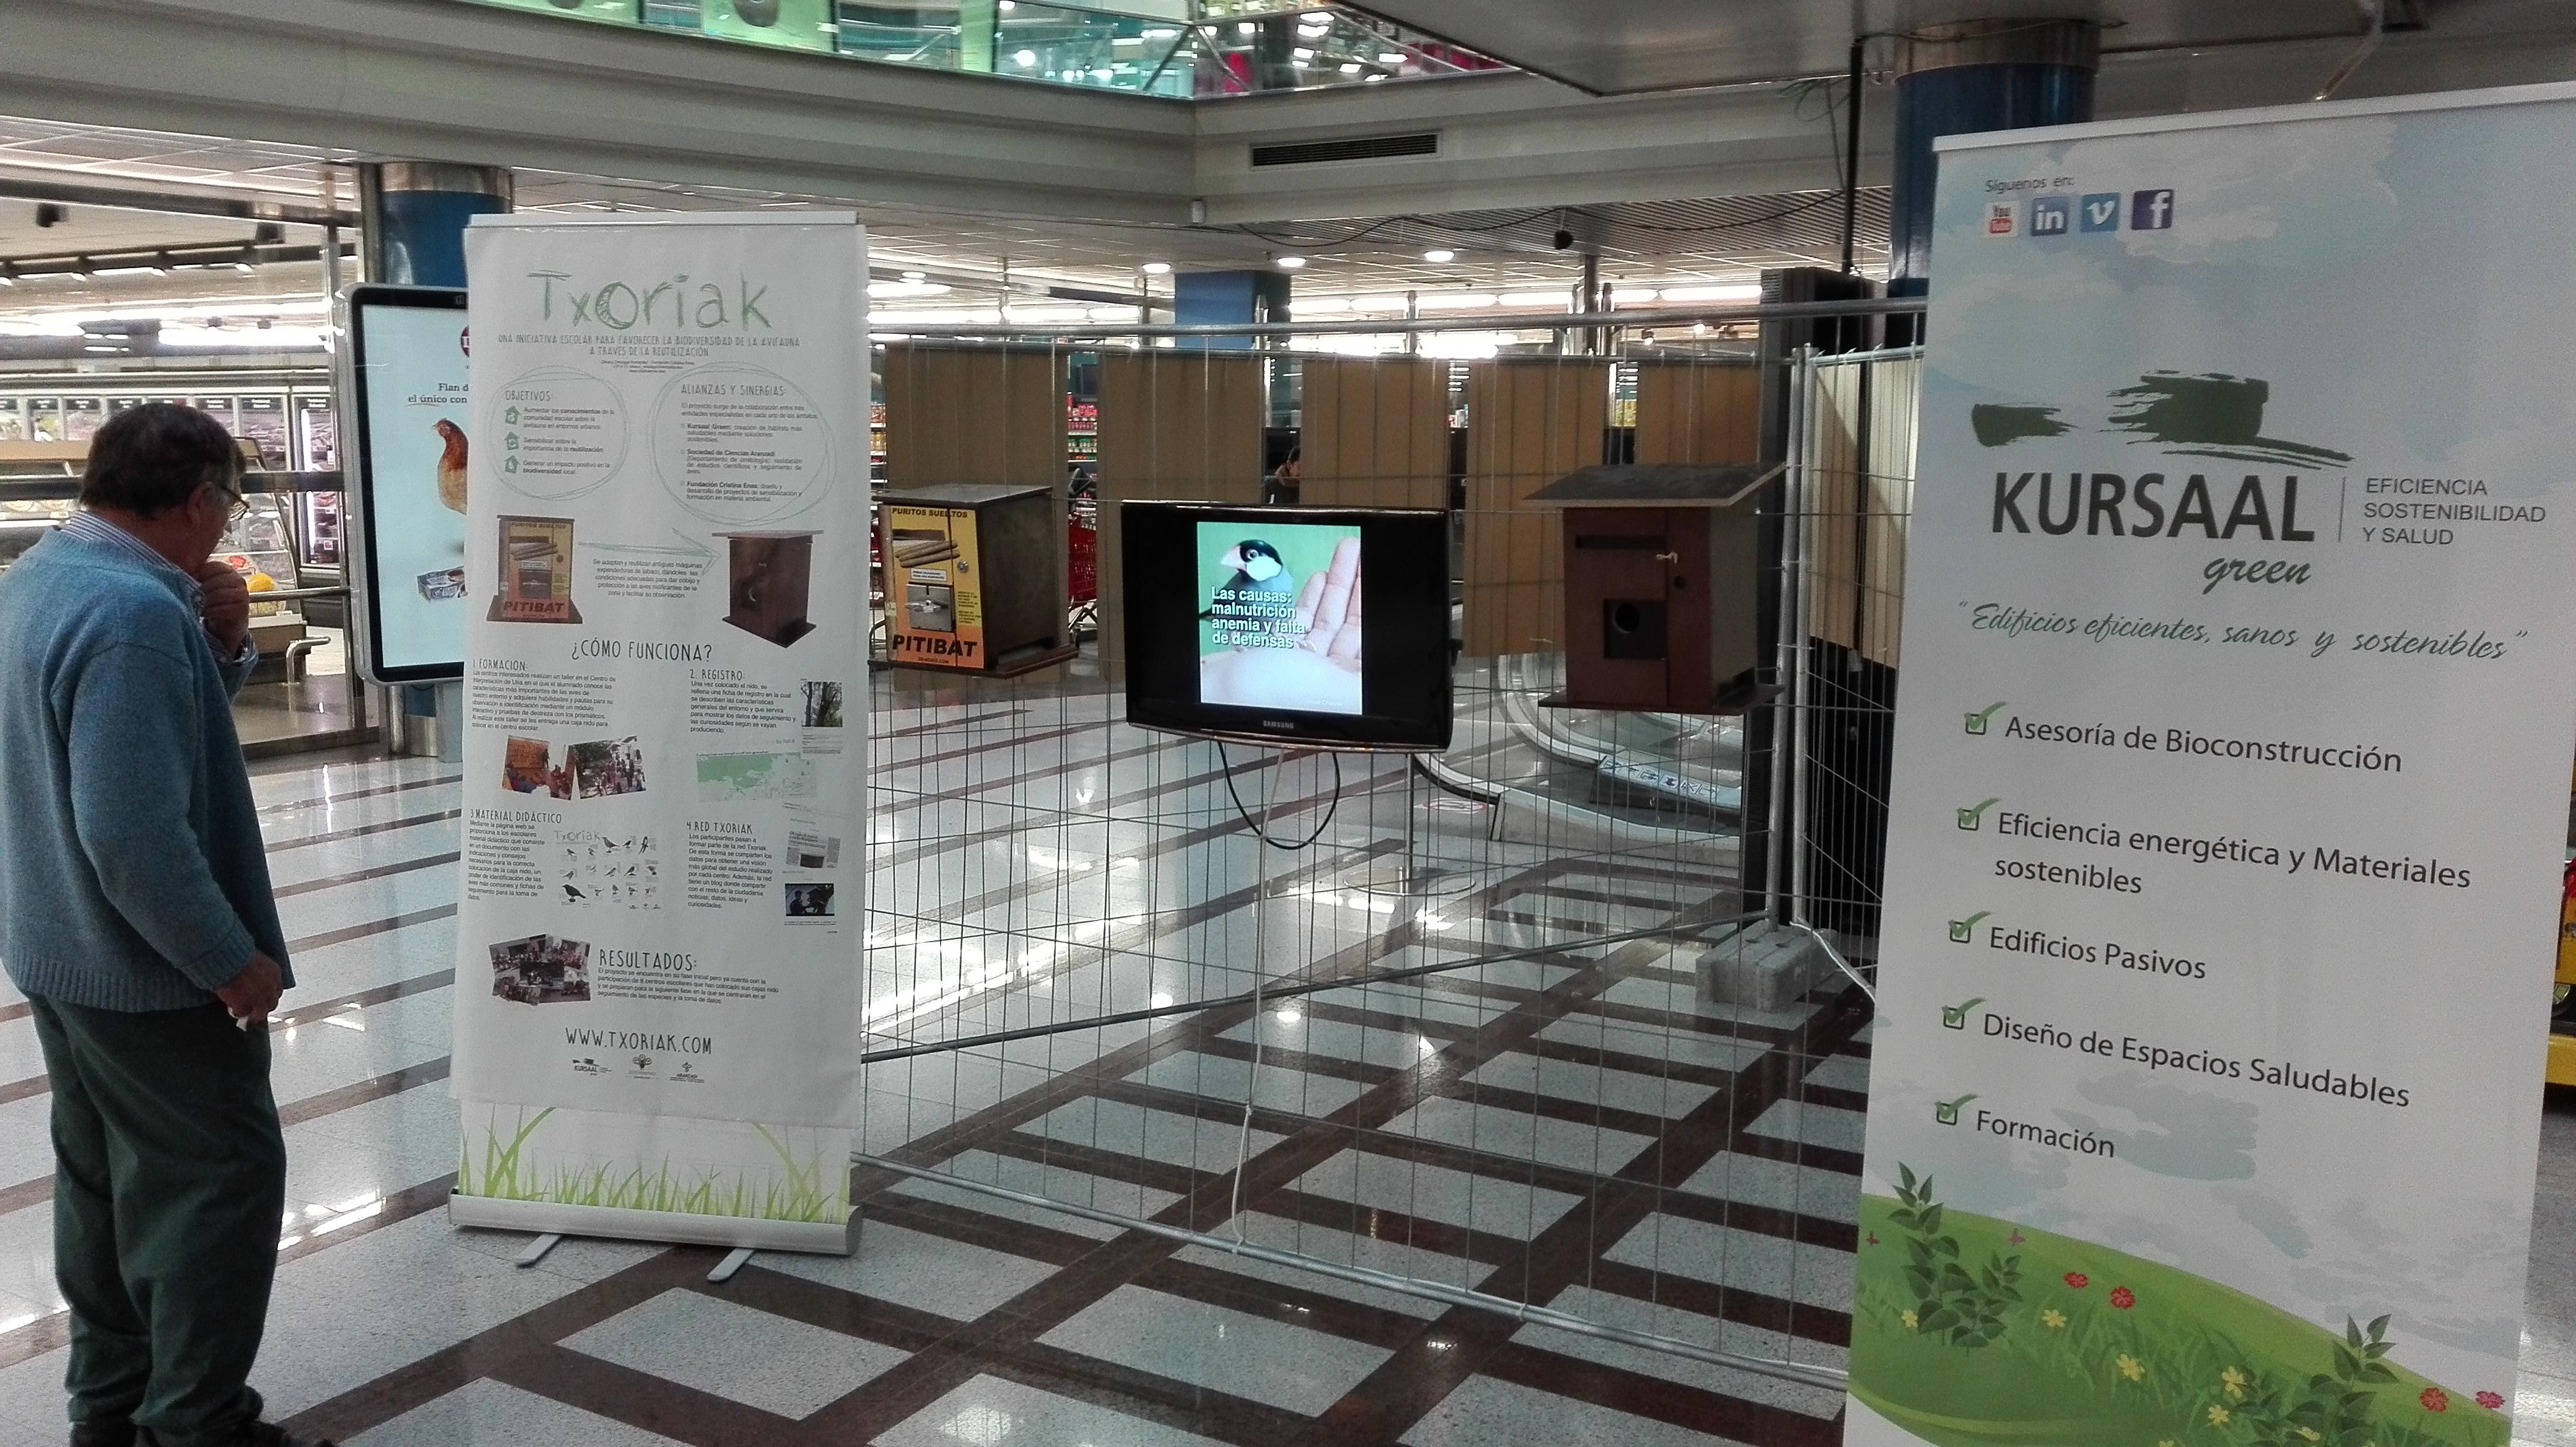 foto noticia: Kursaal Green, Cristina Enea Fundazioa y Aranzadi inauguramos la Exposición Txoriak en Arcco